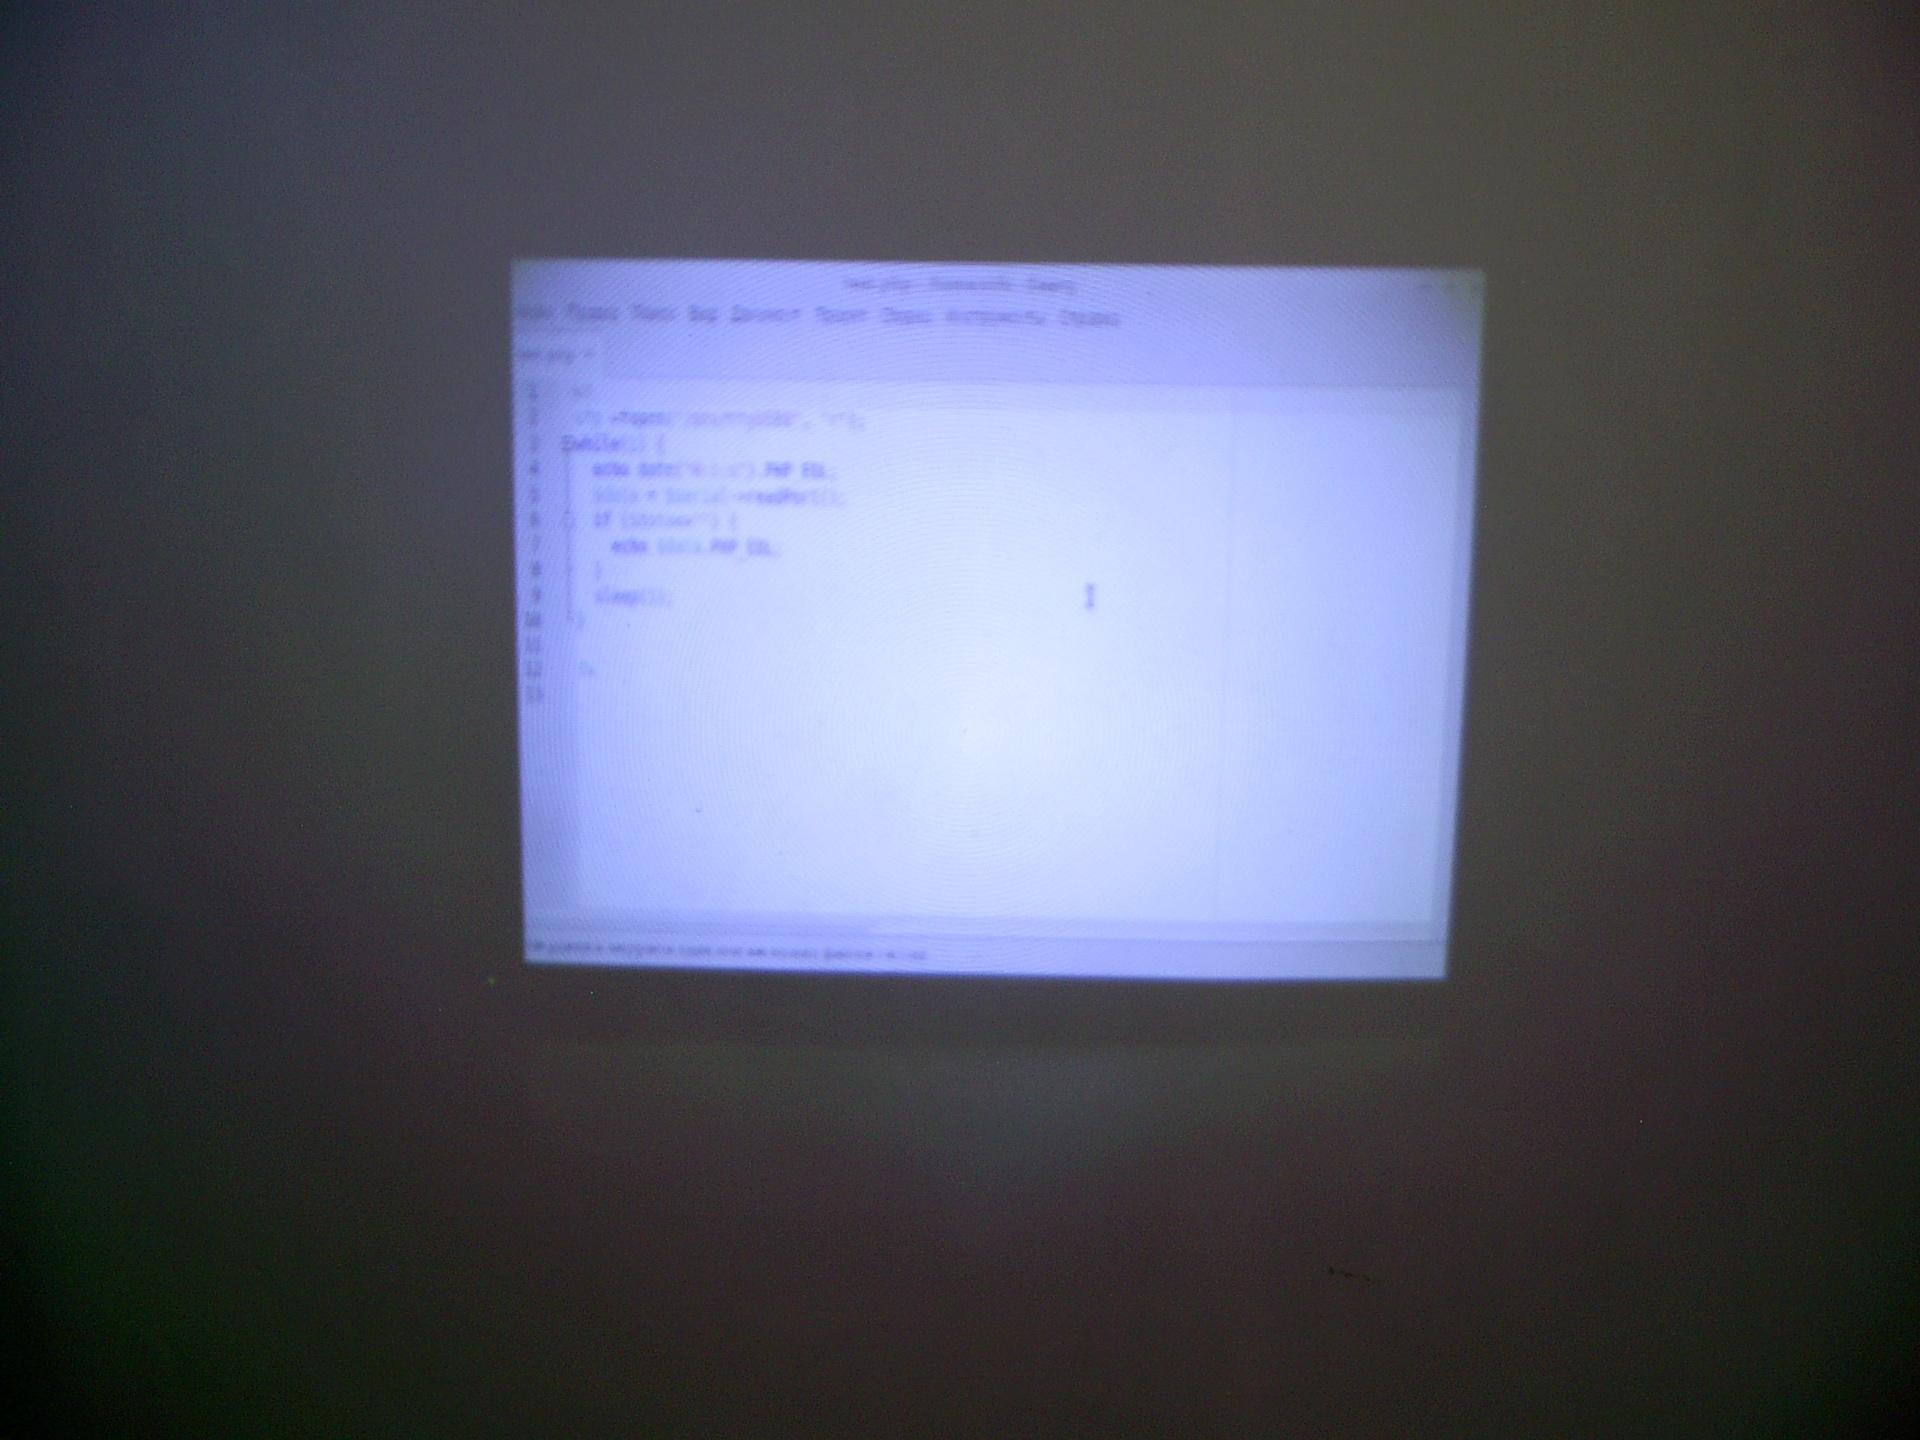 Проектор в составе умного дома. Часть первая. Обзор